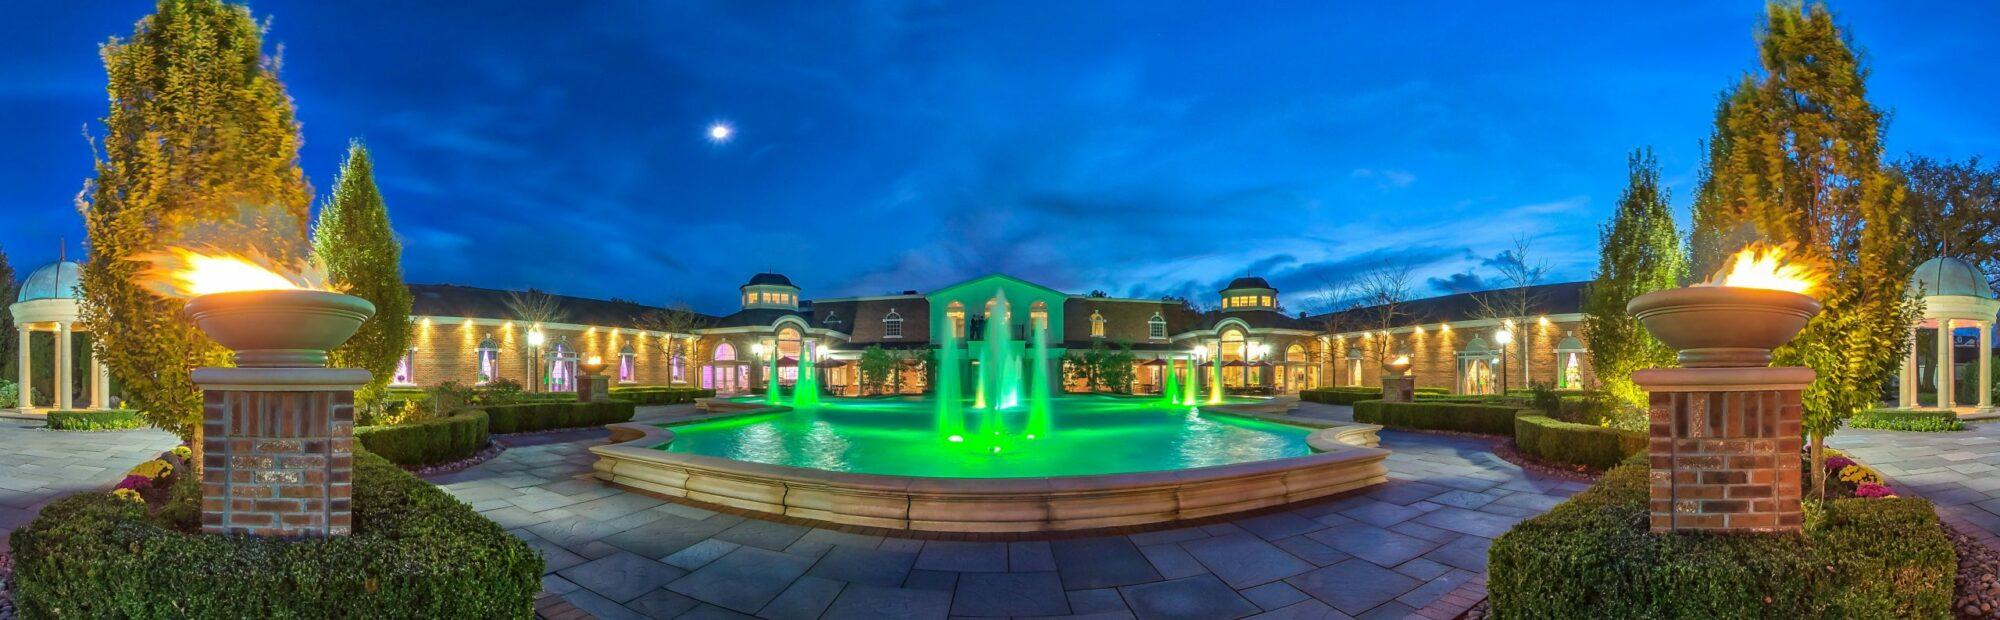 The Rockleigh wedding venue